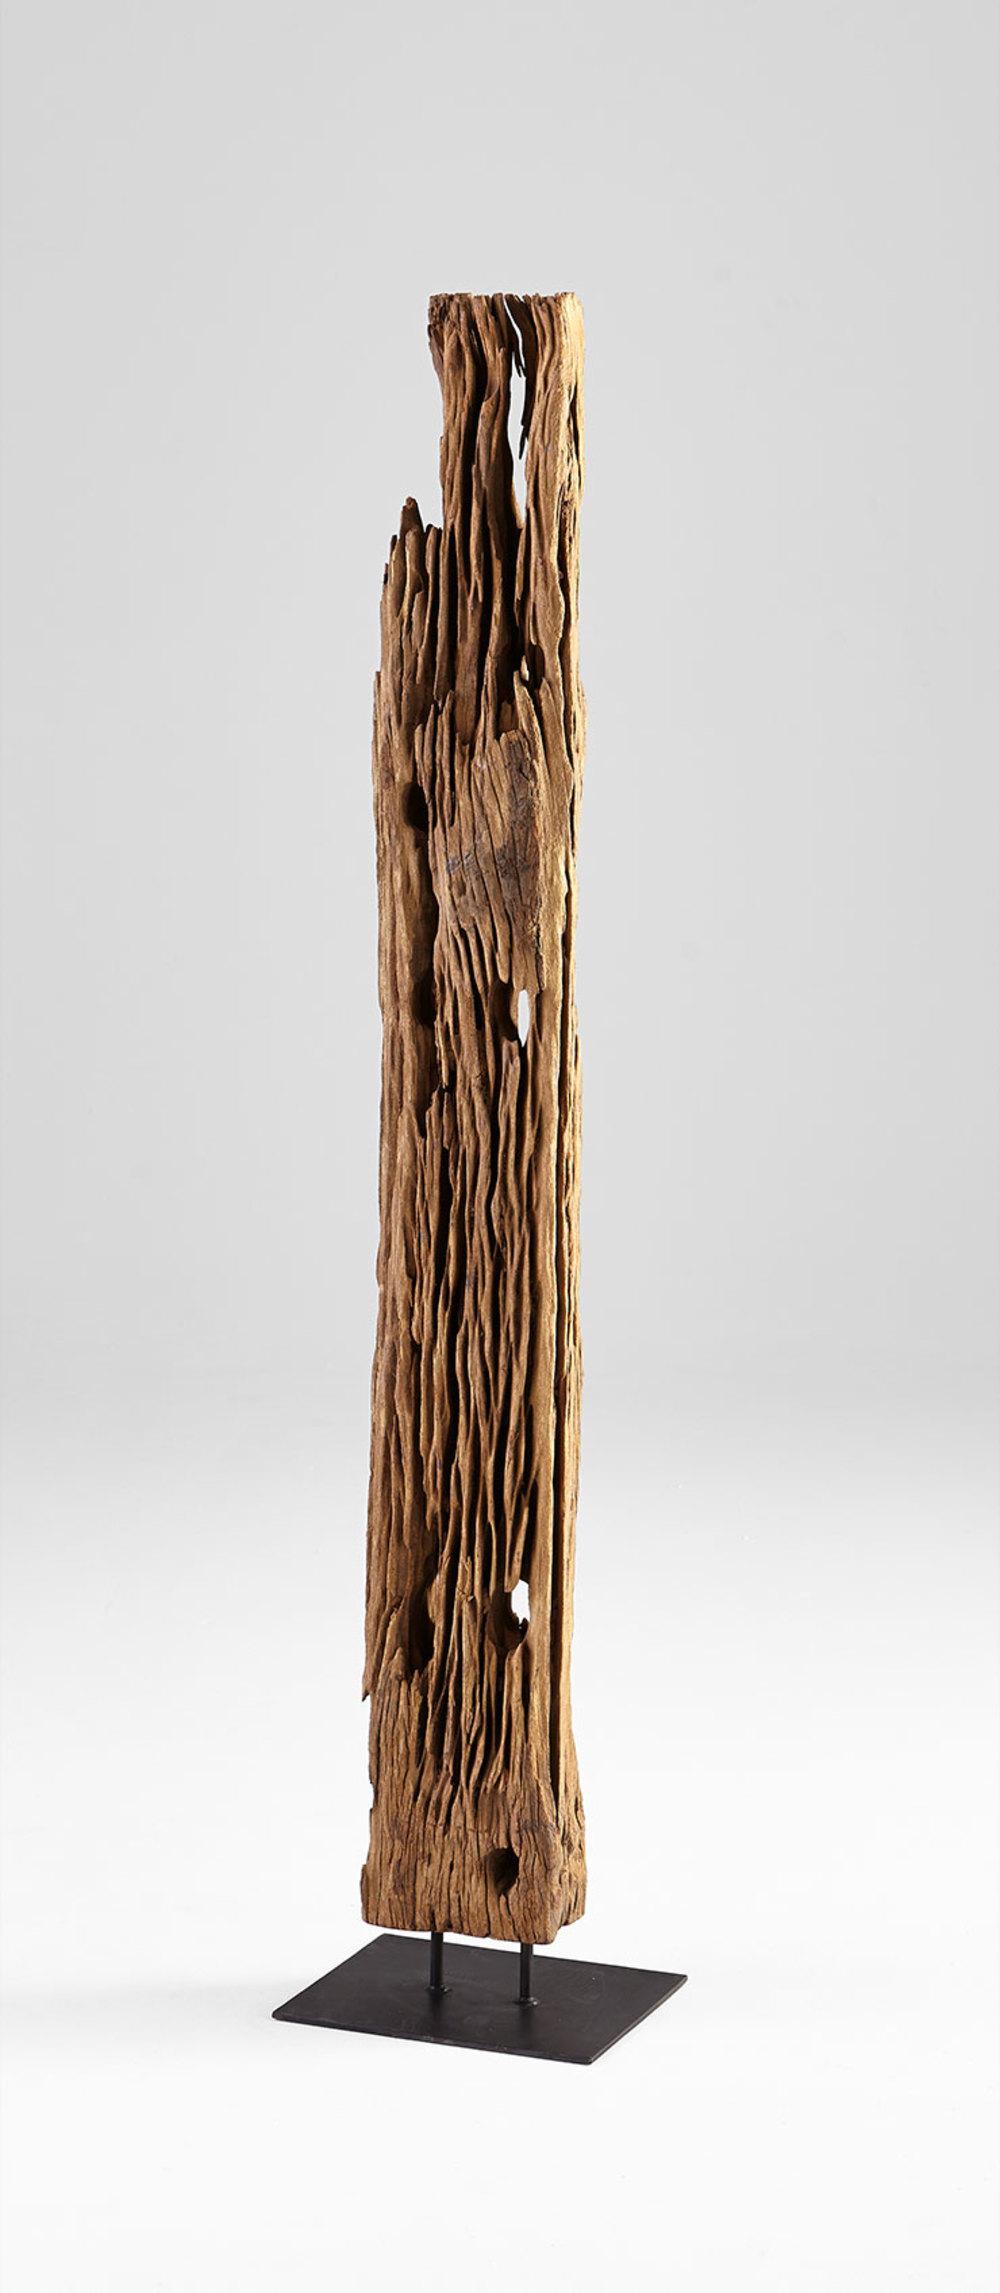 Cyan Designs - Bandalier Sculpture